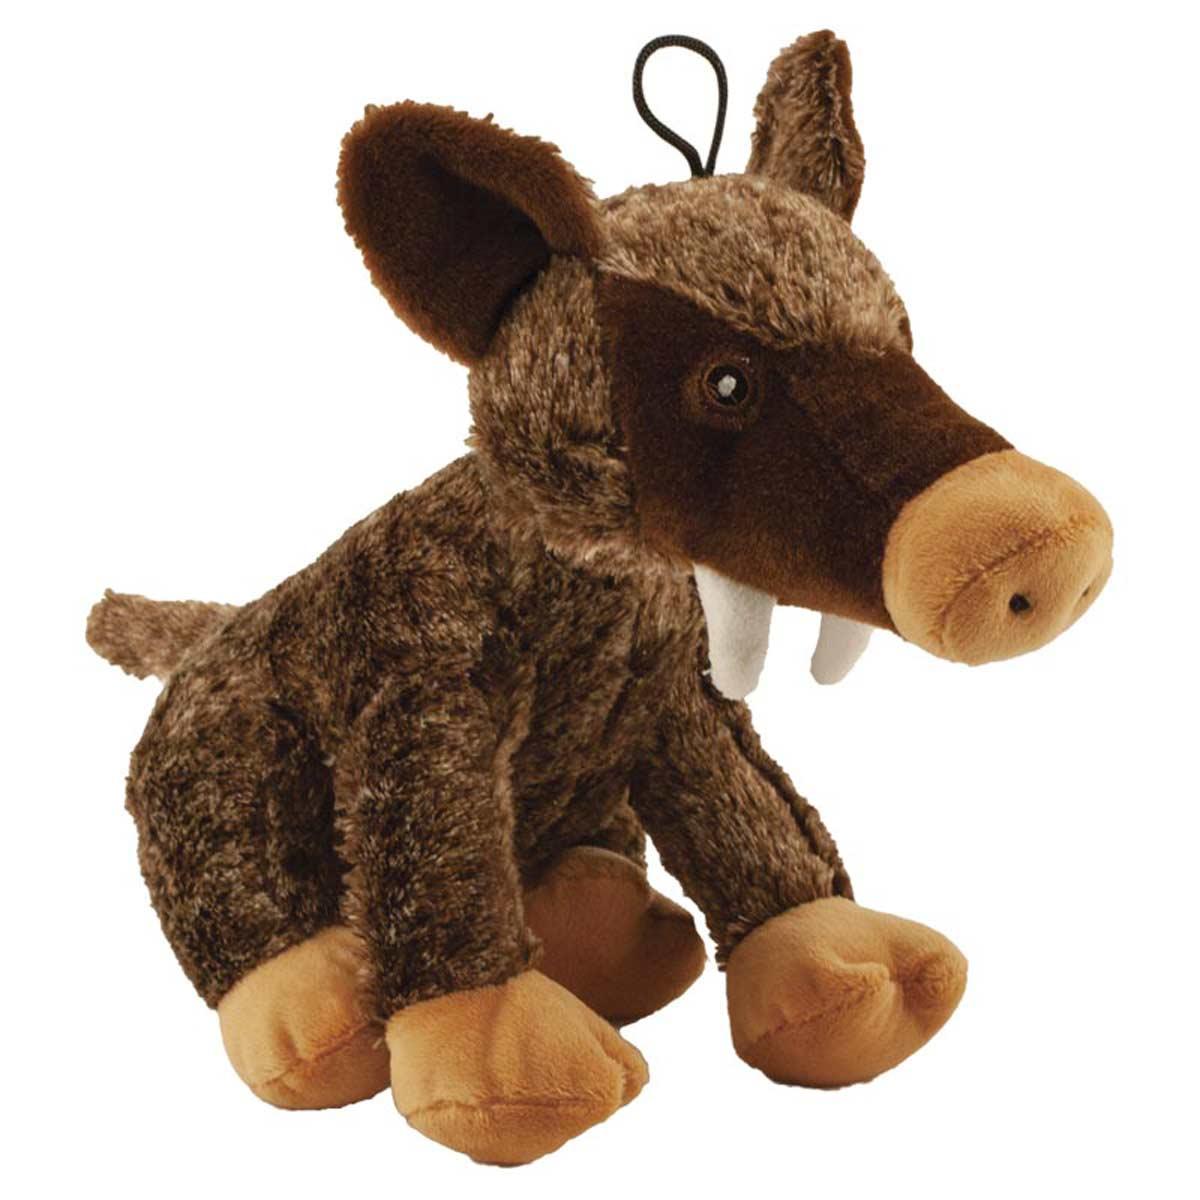 Dawgeee Toy Wild Boar 8 inch Dog Toy